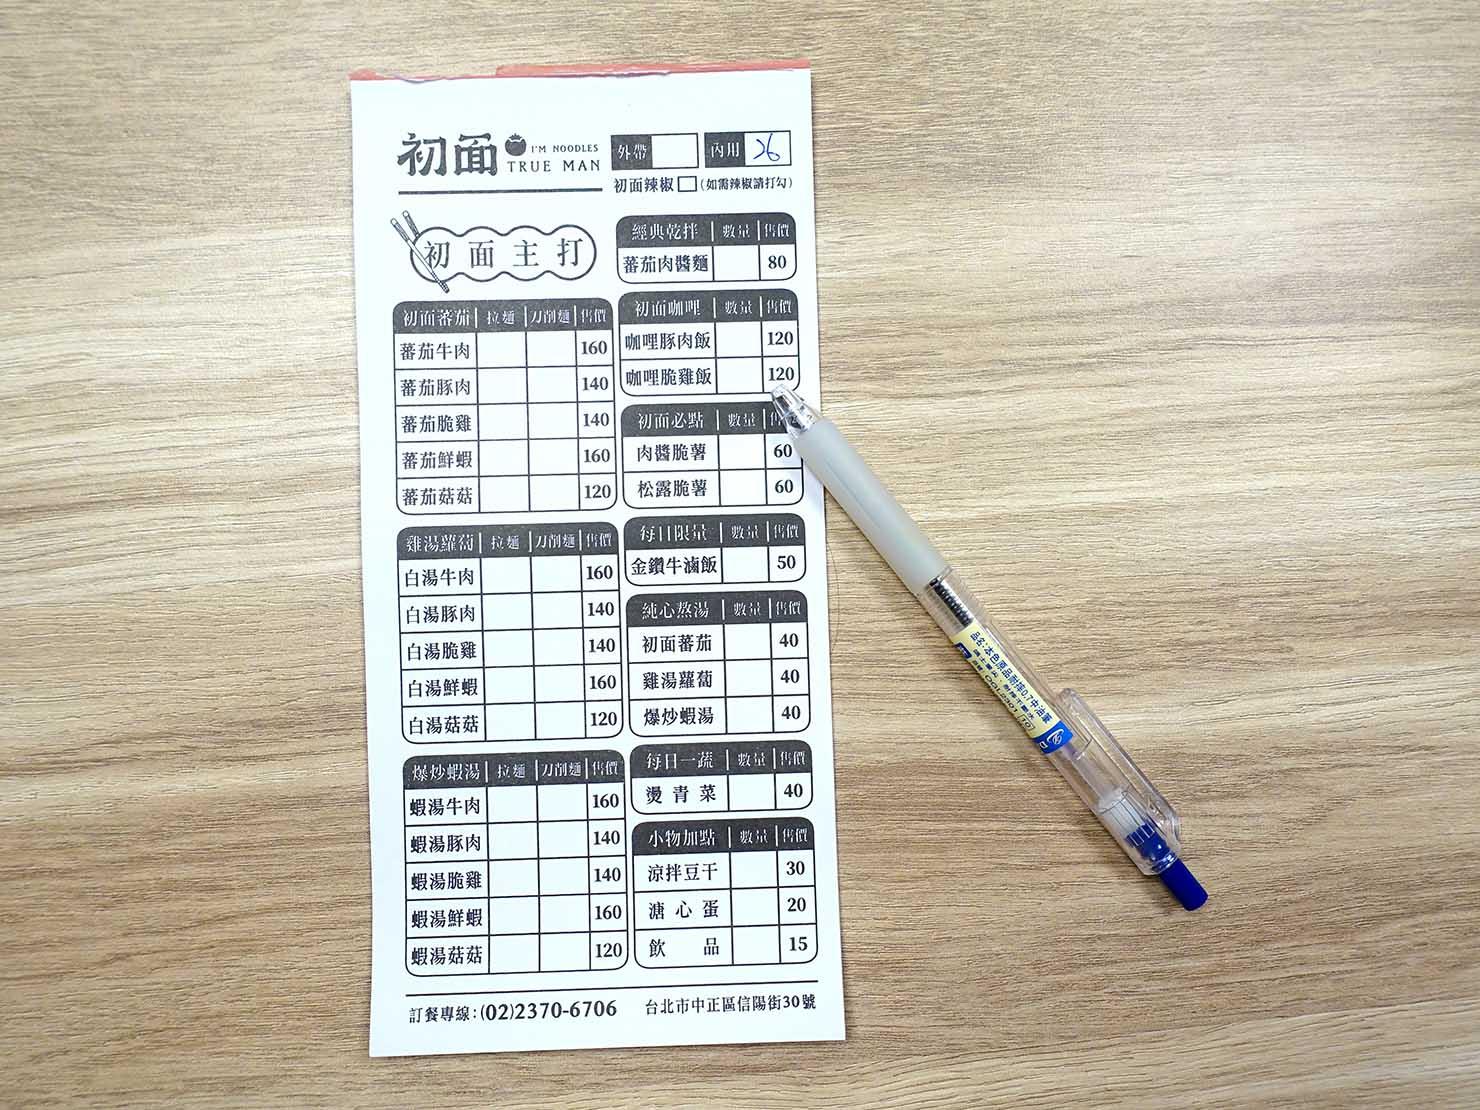 台北駅前エリア(前站)のおすすめグルメ店「初面」のオーダー表